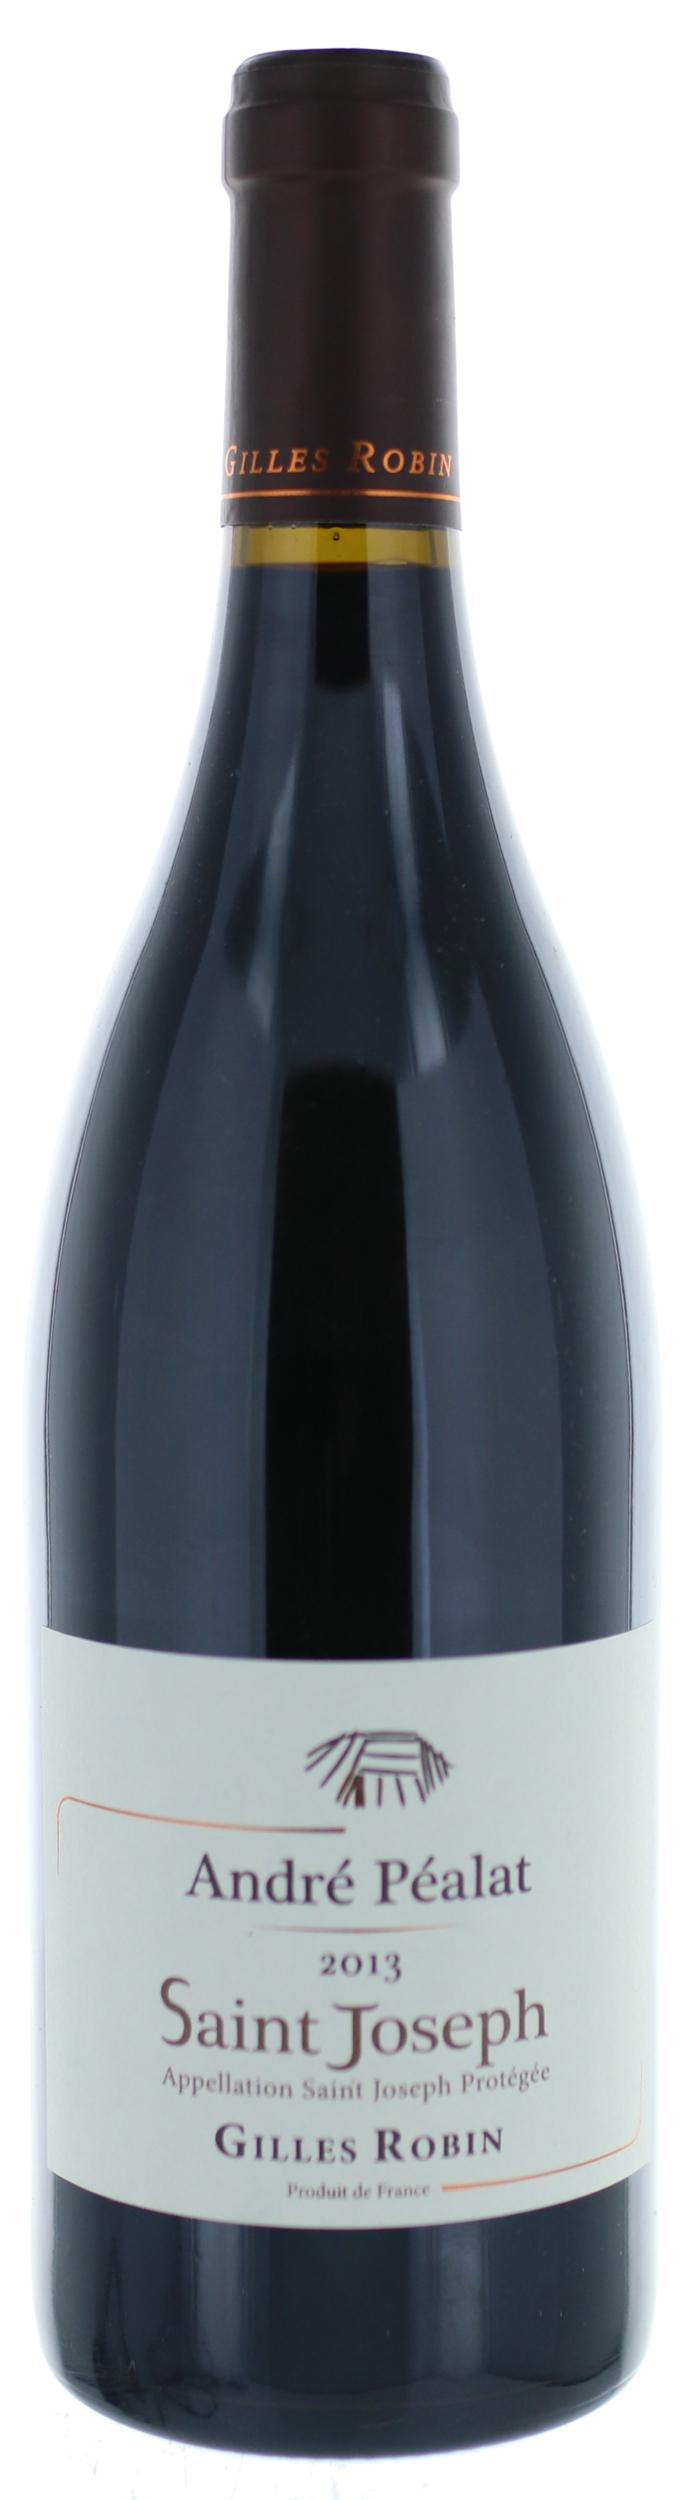 Saint Joseph - Cuvée André Pealat  - Domaine Gilles Robin - 2017 - BIO